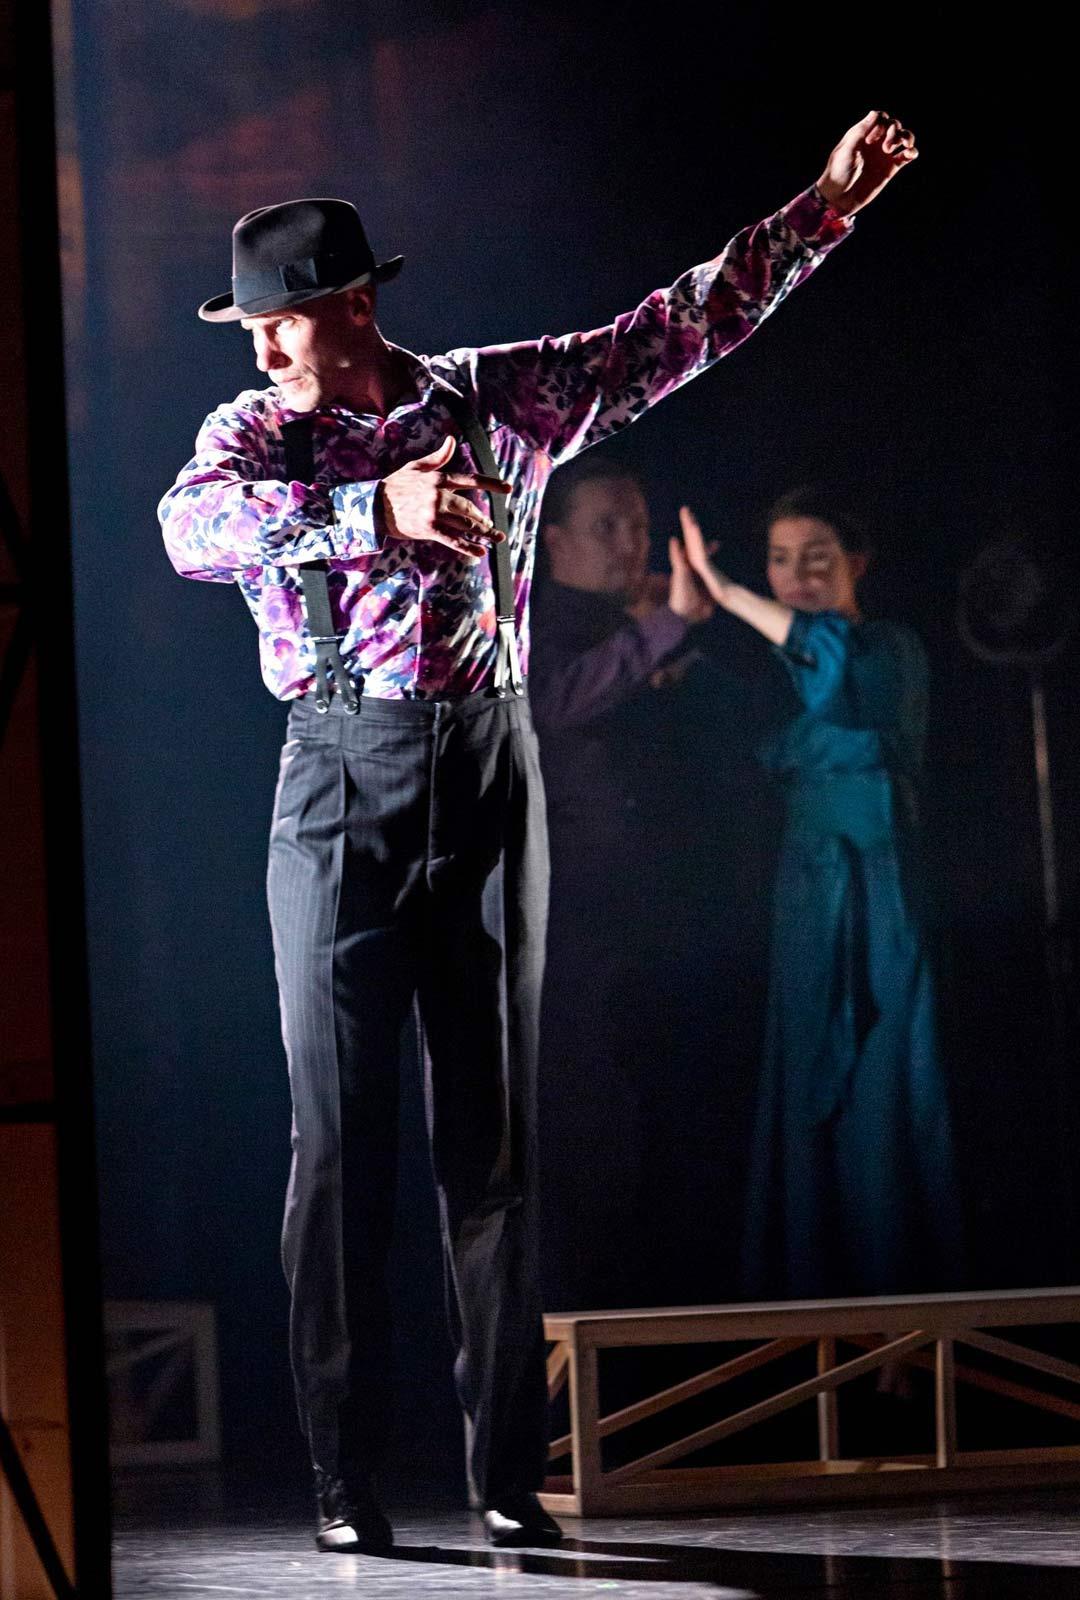 Tanssikielto-esityksessä kuvataan myös nykyajan kieltämisen kulttuuria, jota yhä löytyy.